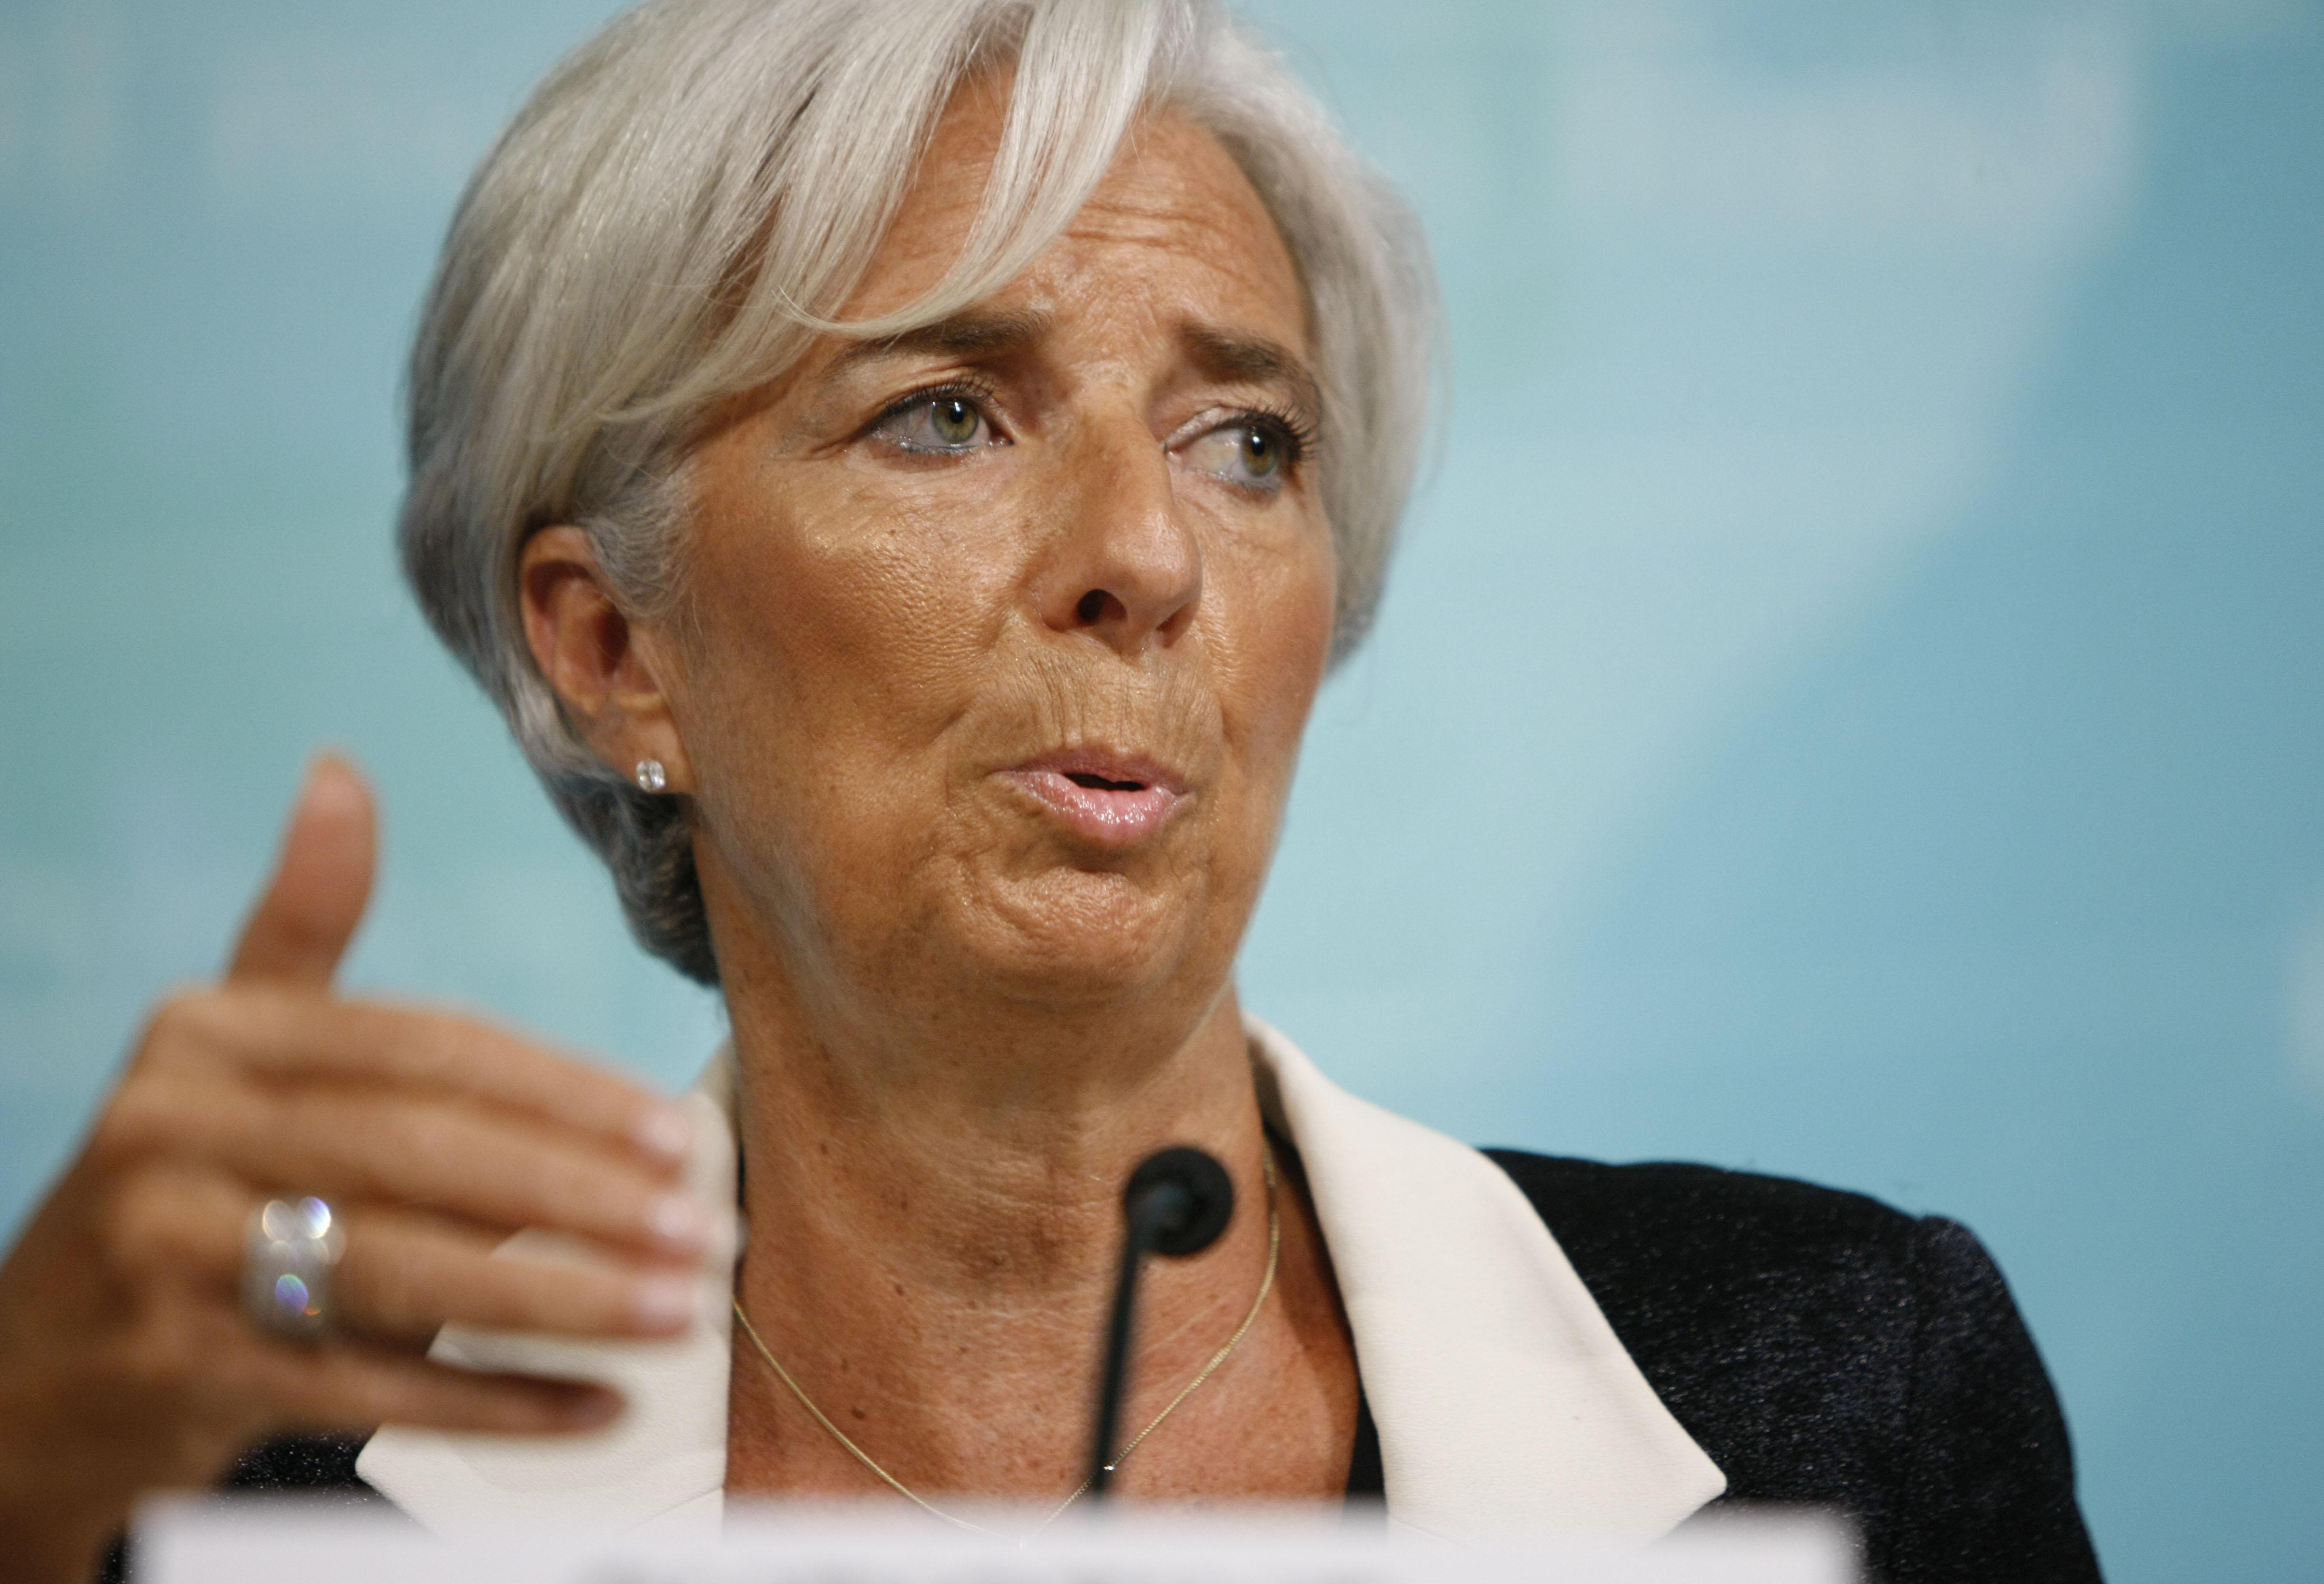 Le FMI prévoit une croissance économique de 5,4% en Afrique subsaharienne